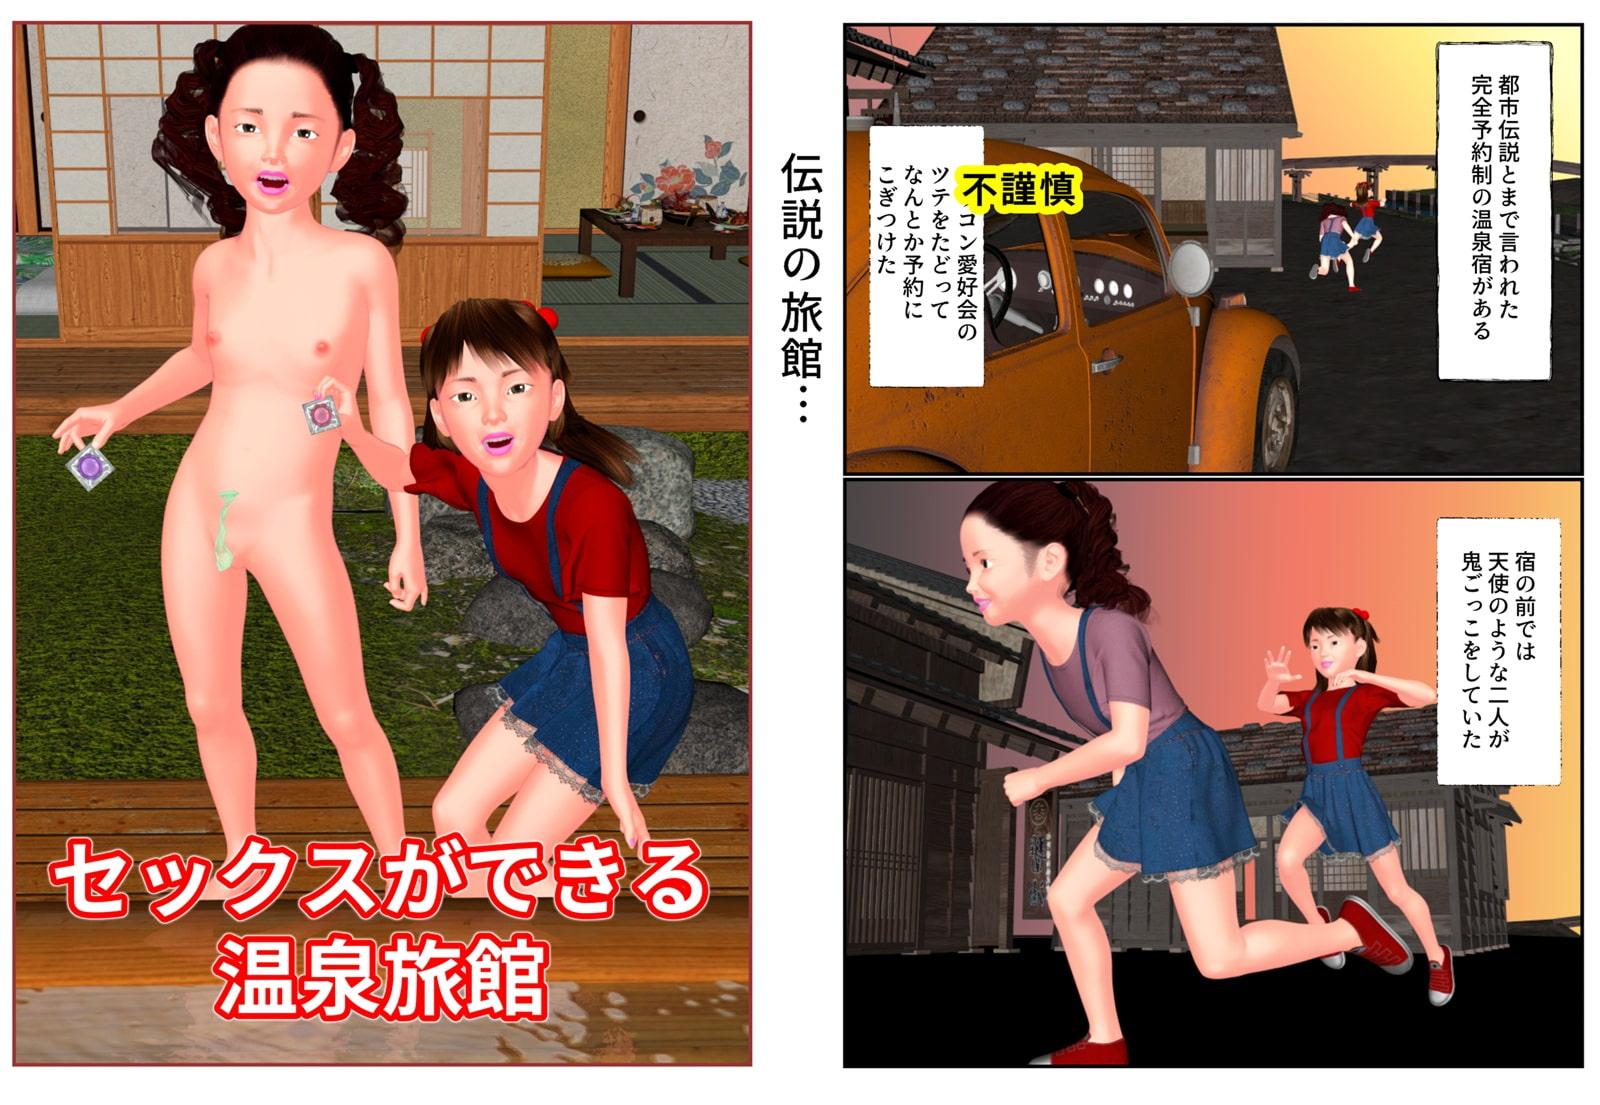 セックスができる温泉旅館のサンプル画像